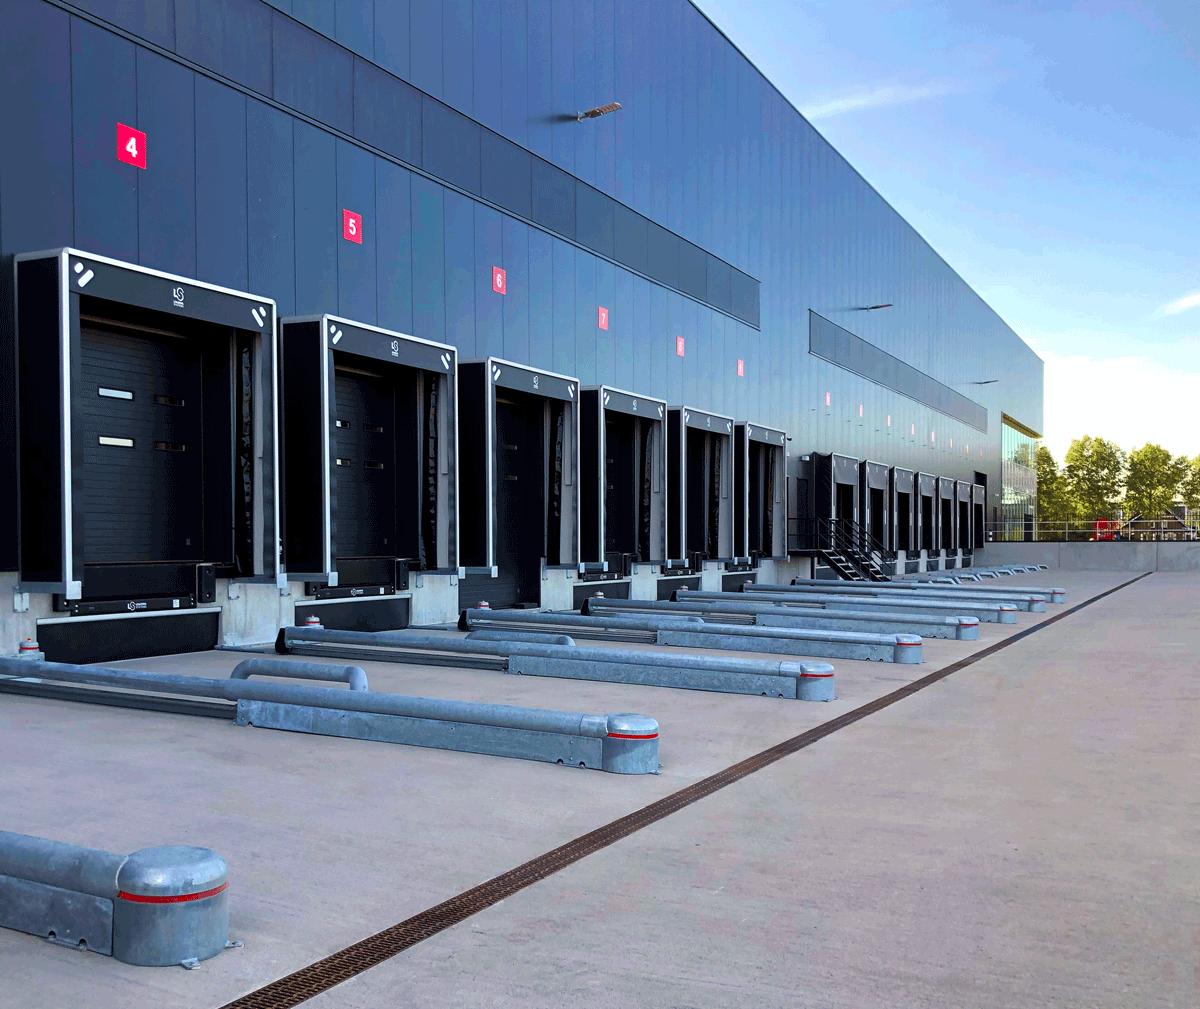 Zajistěte bezpečnost pomocí zádržného systému vozidla Loading Systems 505NG s automatickým zajištěním koll